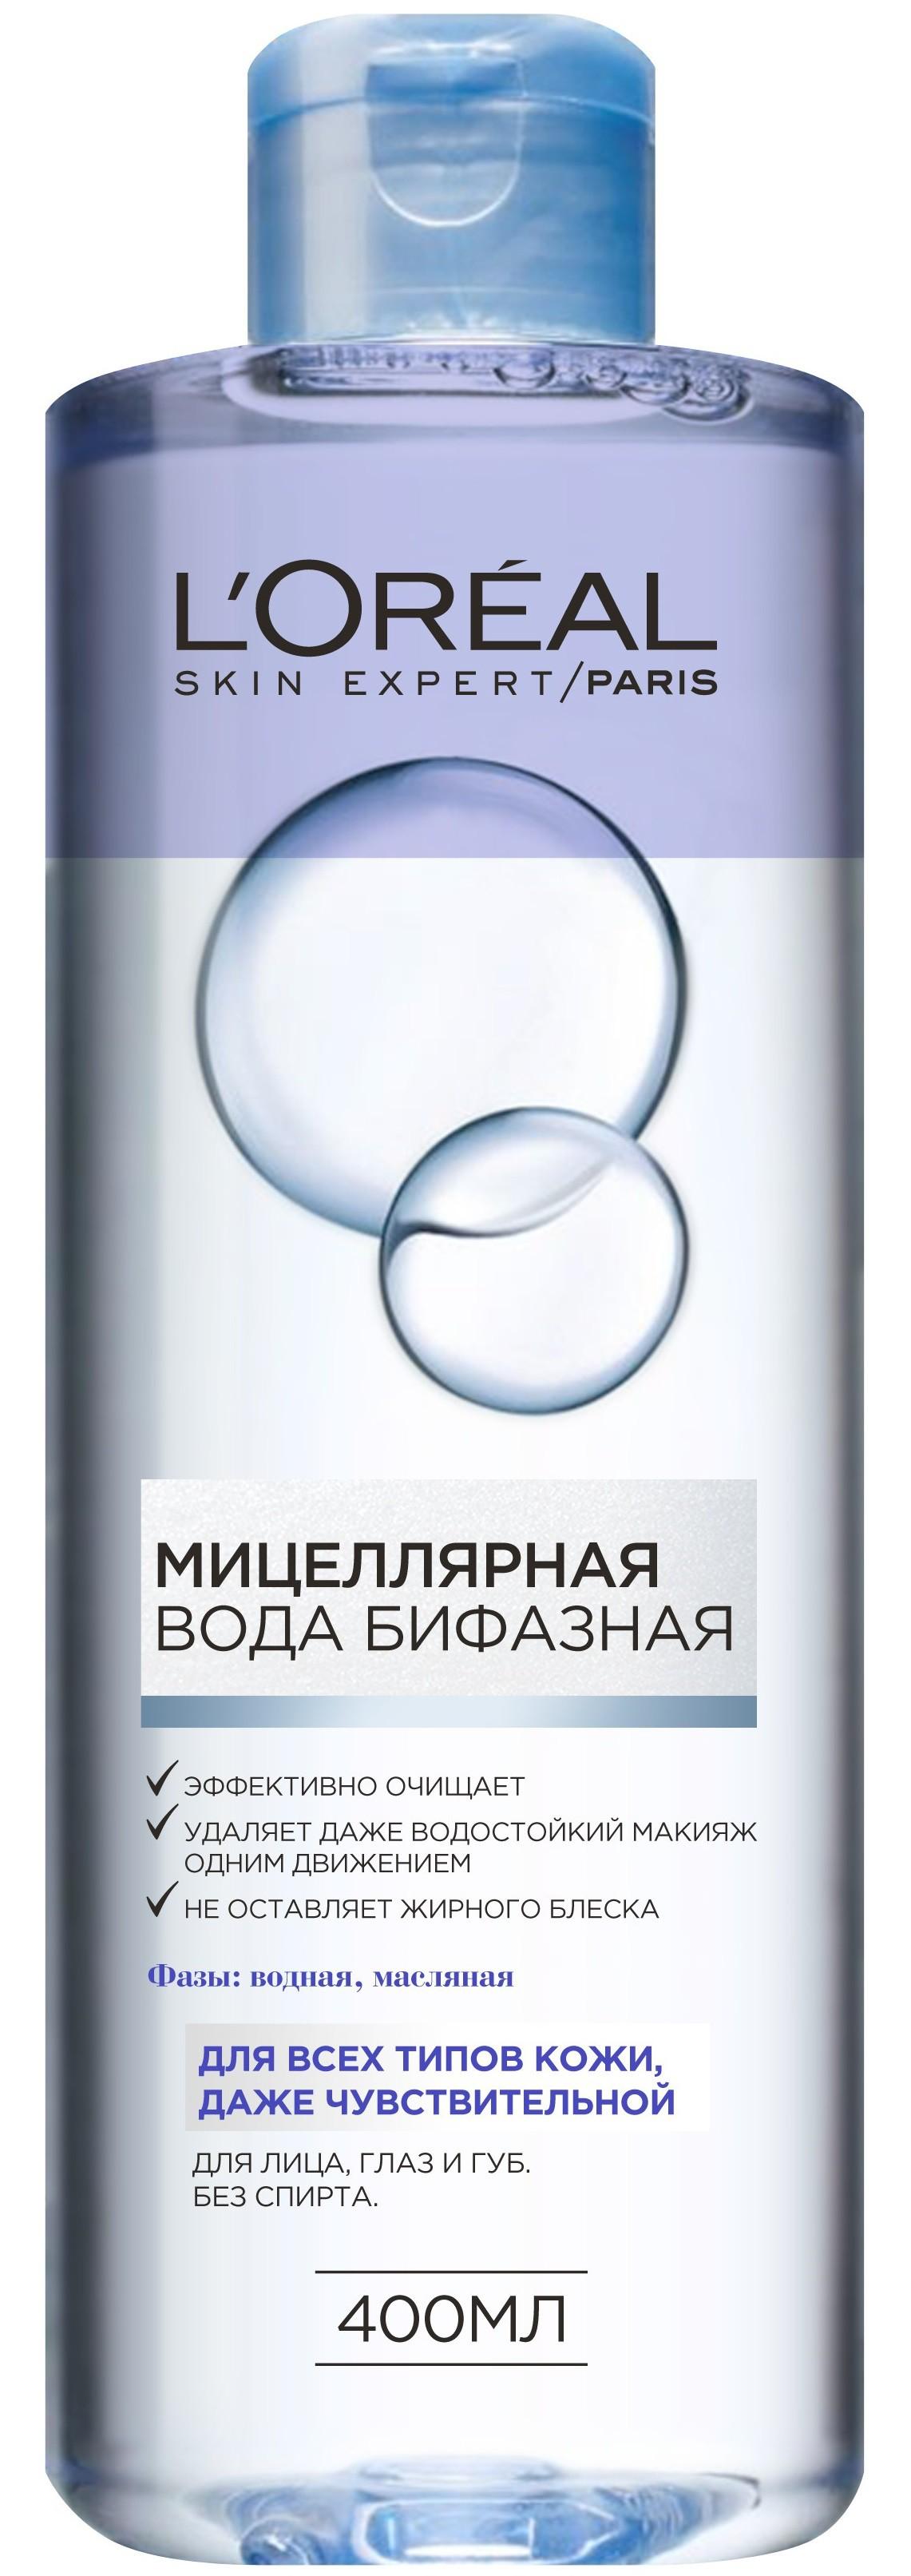 LOreal Paris Мицeллярная вода Бифазная, для всех типов кожи, 400 млA9260200Мицеллярная вода сочетает в себе эффективное и в то же время мягкое очищение. Продукт содержит в себе две фазы: водную, с мицеллами, захватывающими загрязнения с кожи, и темно-синюю, масляную, которая удаляет даже водостойкий макияж. Мицеллярная вода - это больше, чем просто удаление макияжа и очищение. Средство на основе мицеллярной воды, обогащенной очищающими маслами, захватывает загрязнения, не оставляя жирного блеска, и обладает смягчающим действием. Одним движением без лишнего трения мицеллярная вода мгновенно удаляет даже водостойкий макияж, придавая коже ощущение комфорта.